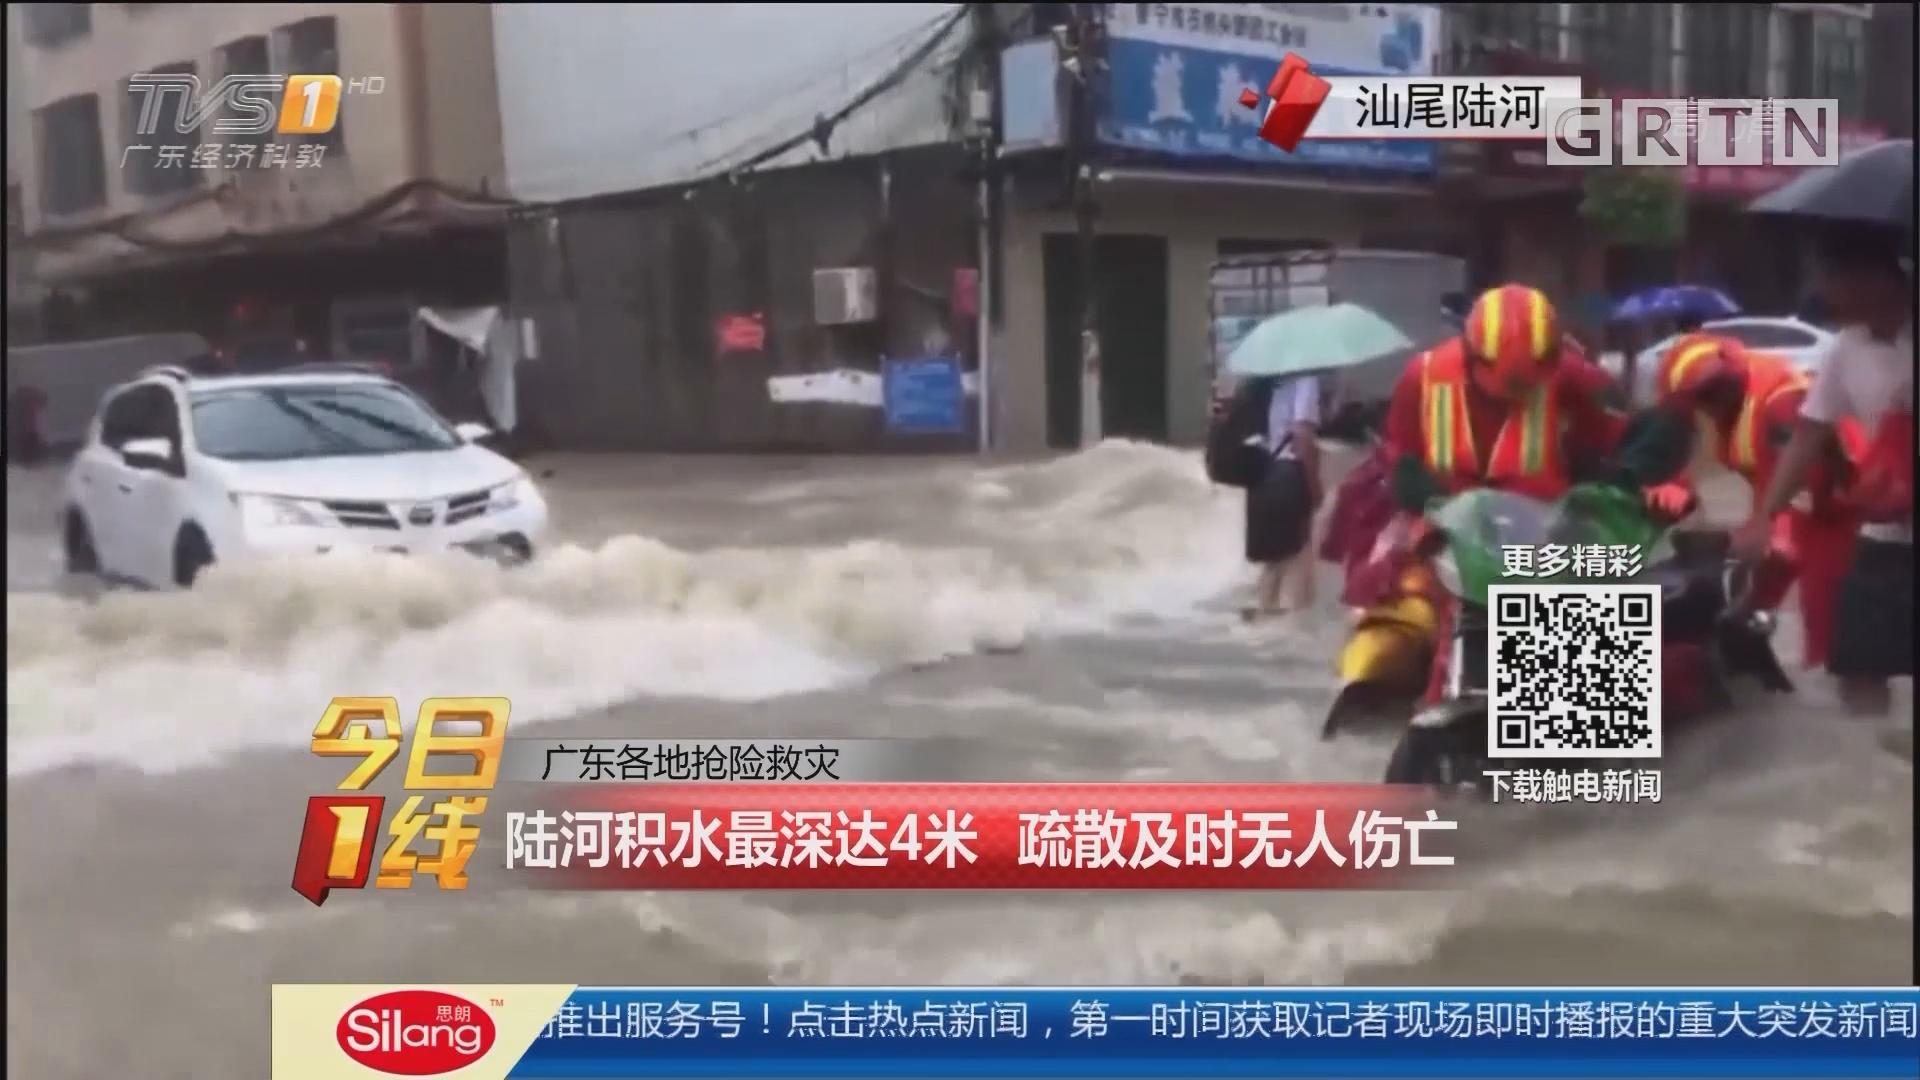 广东各地抢险救灾:陆河积水最深达4米 疏散及时无人伤亡